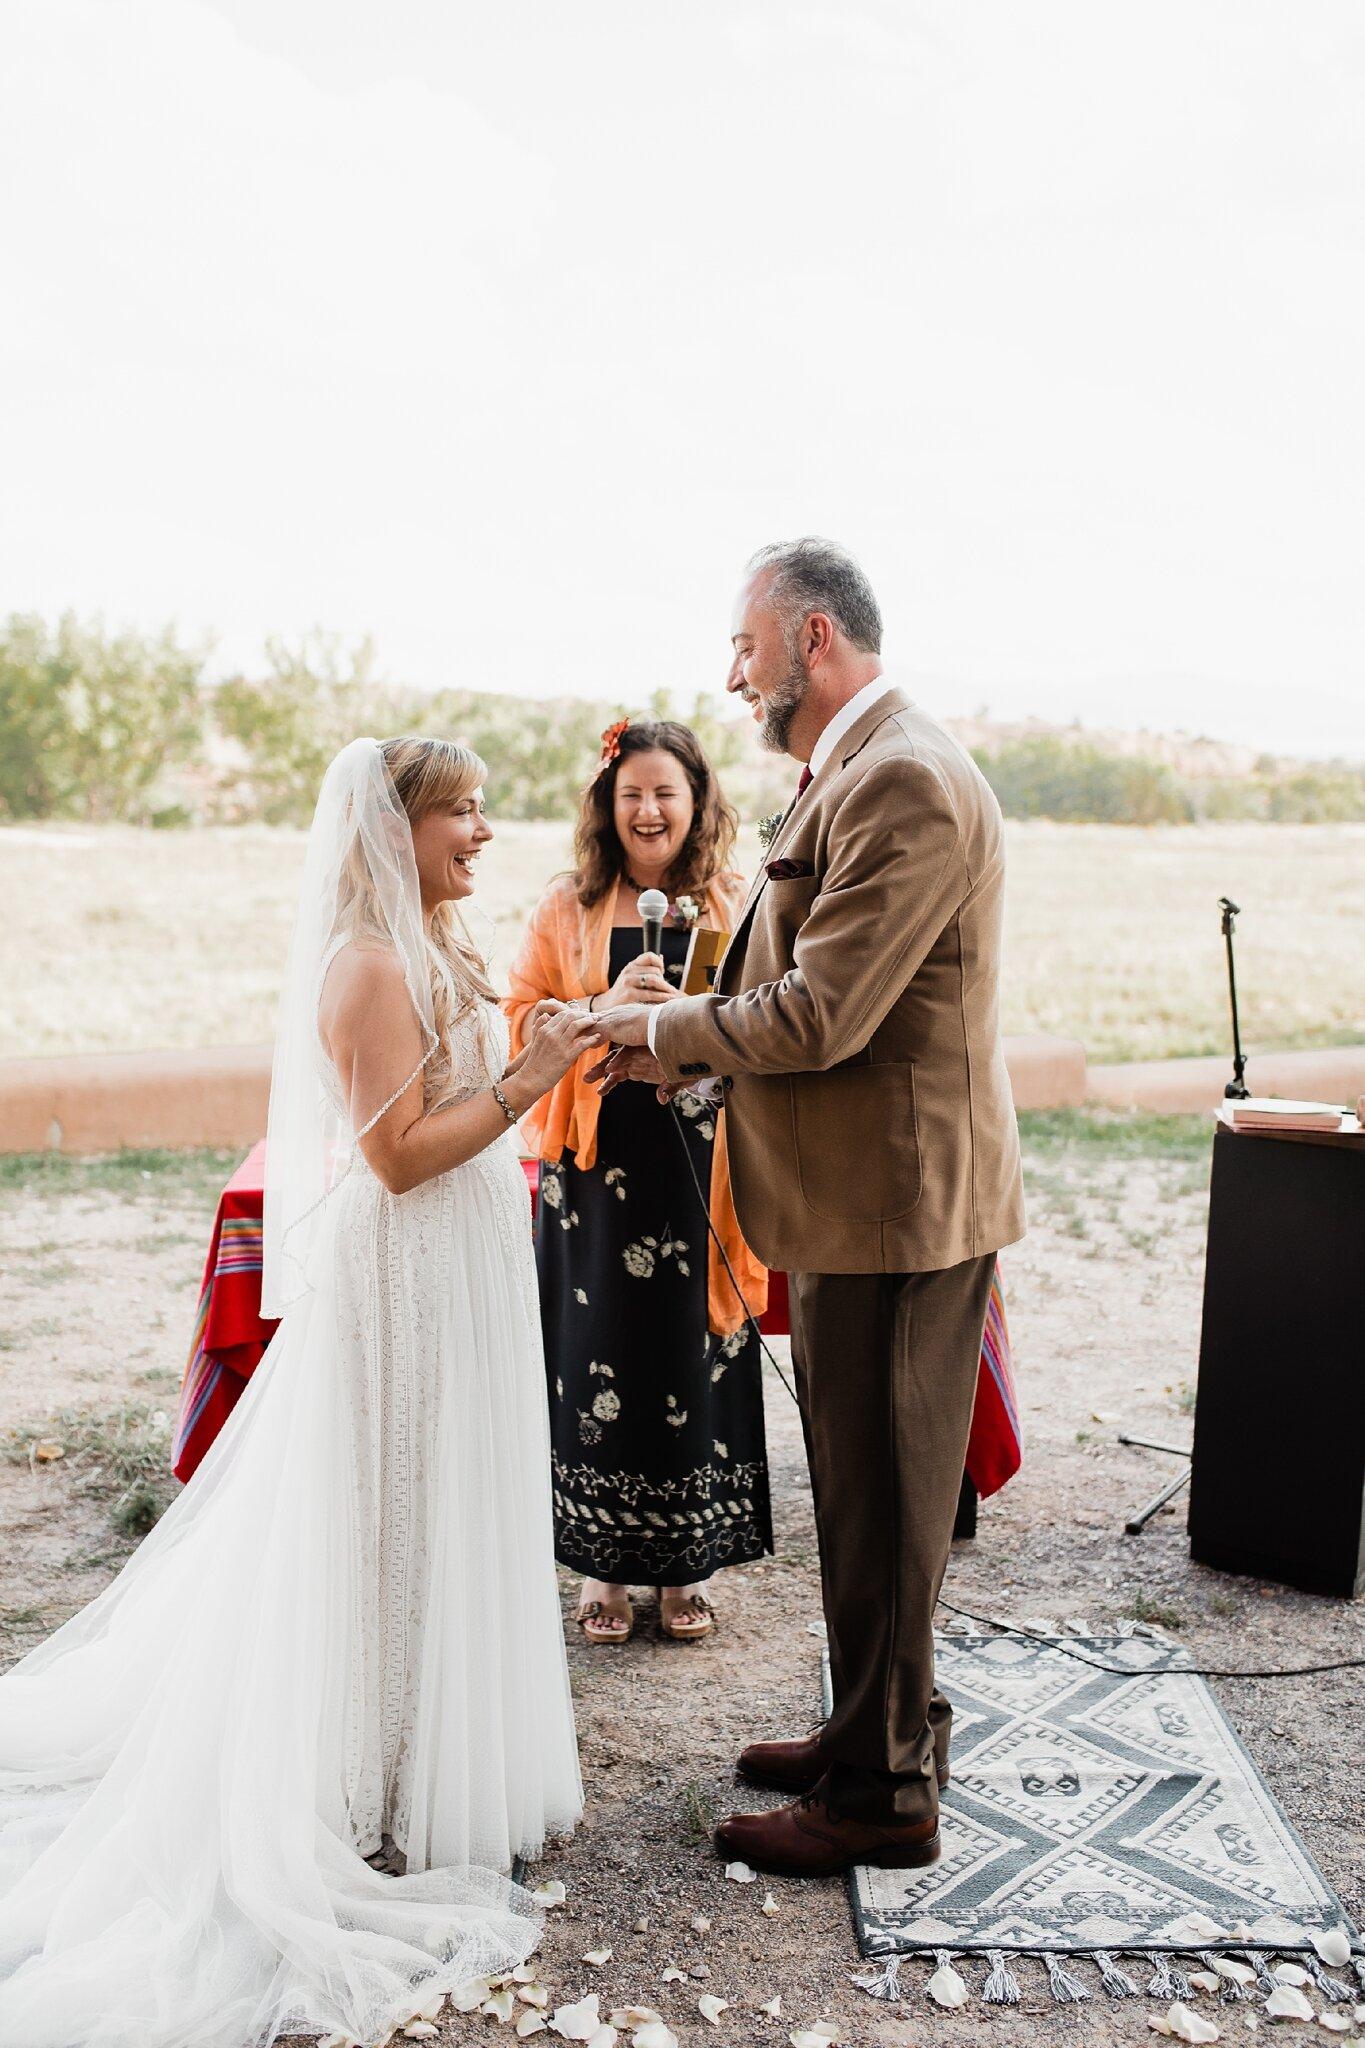 Alicia+lucia+photography+-+albuquerque+wedding+photographer+-+santa+fe+wedding+photography+-+new+mexico+wedding+photographer+-+new+mexico+wedding+-+wedding+-+santa+fe+wedding+-+ghost+ranch+-+ghost+ranch+wedding+-+fall+wedding_0035.jpg